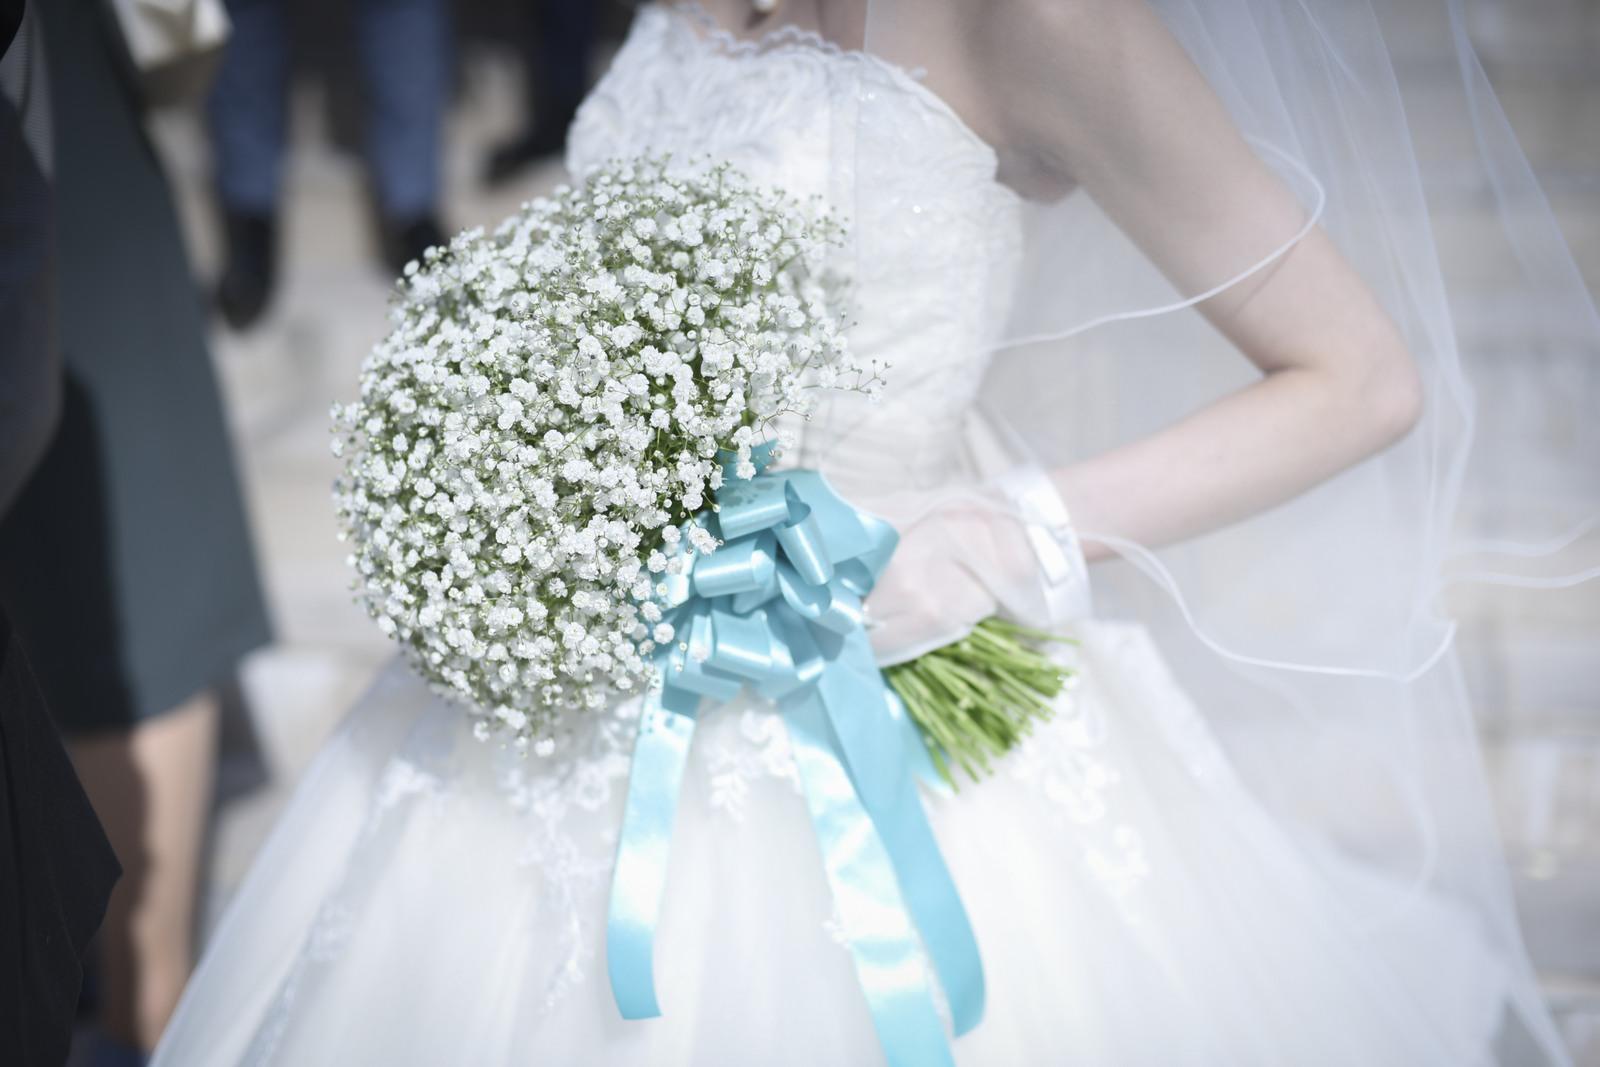 香川県の結婚式場シェルエメール&アイスタイル かすみそうのブーケ